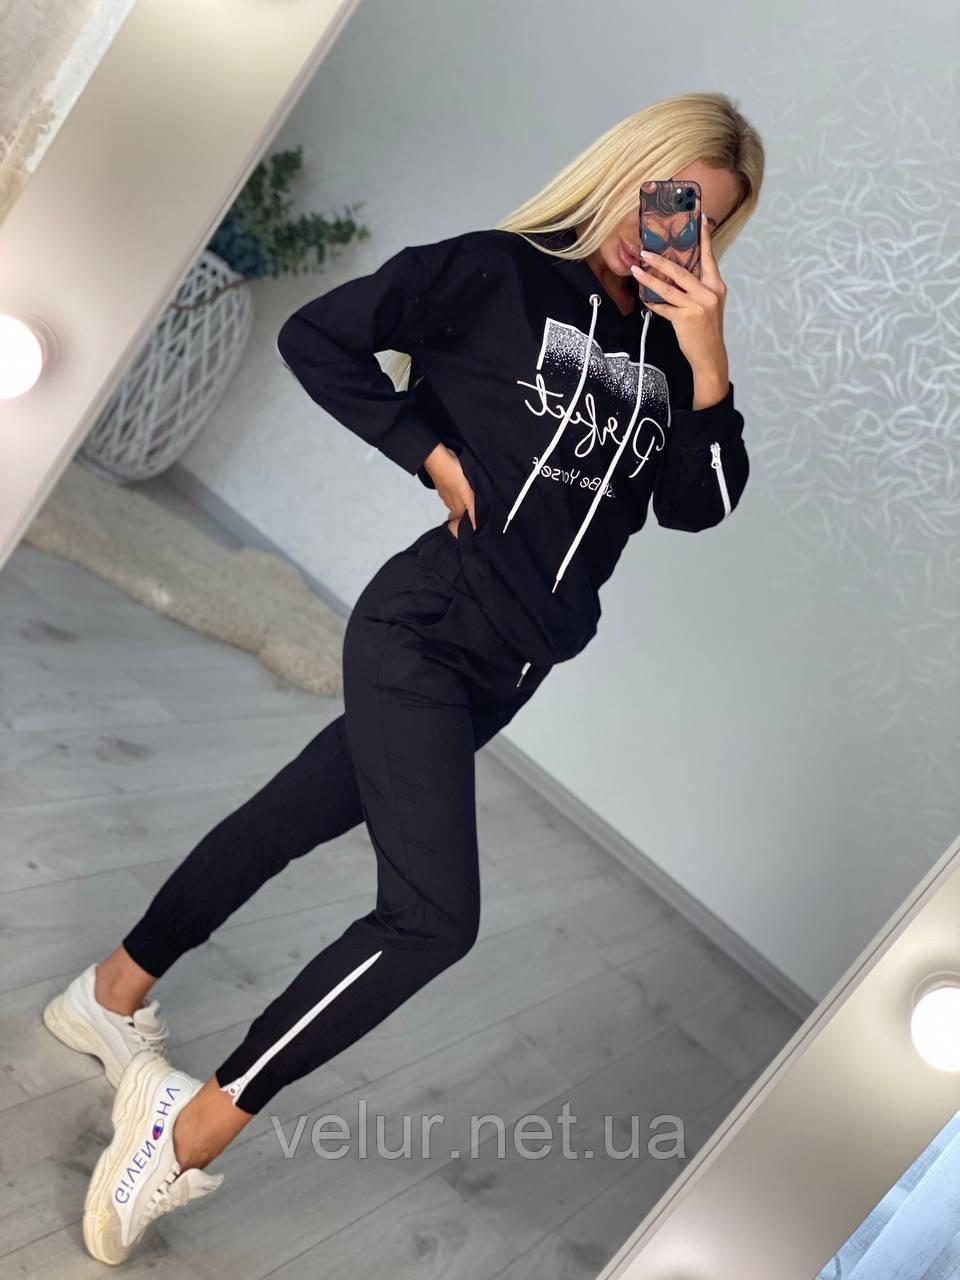 Жіночий спортивний трикотажний костюм, (Туреччина); Розміри:З,М,Л,ХЛ (повномірні) Кольори: чорний,бежевий,хакі.